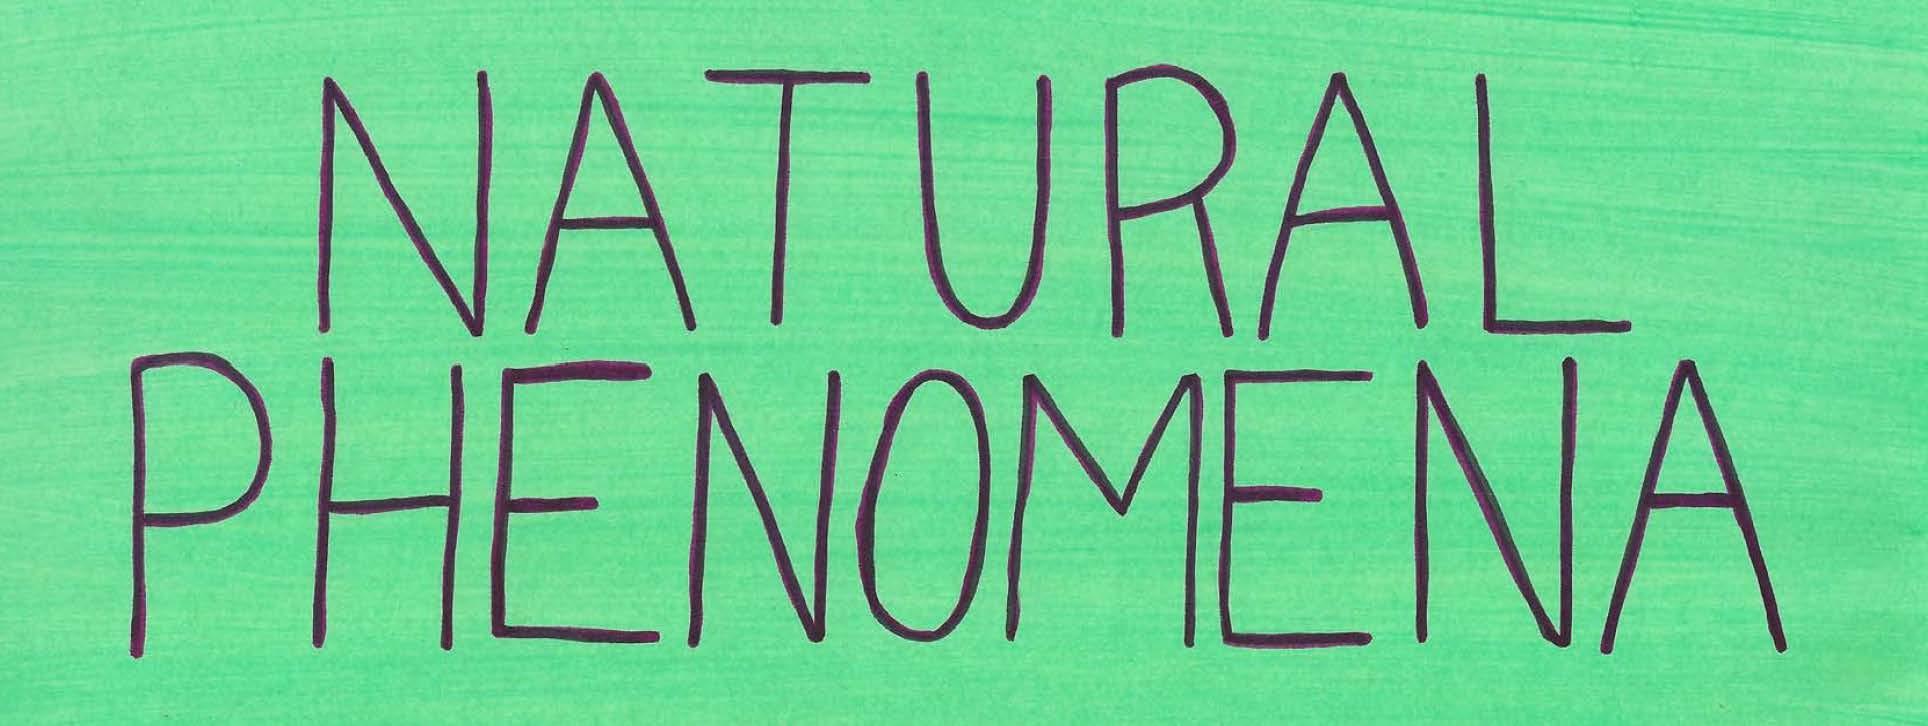 just Natural Phenomena.jpg